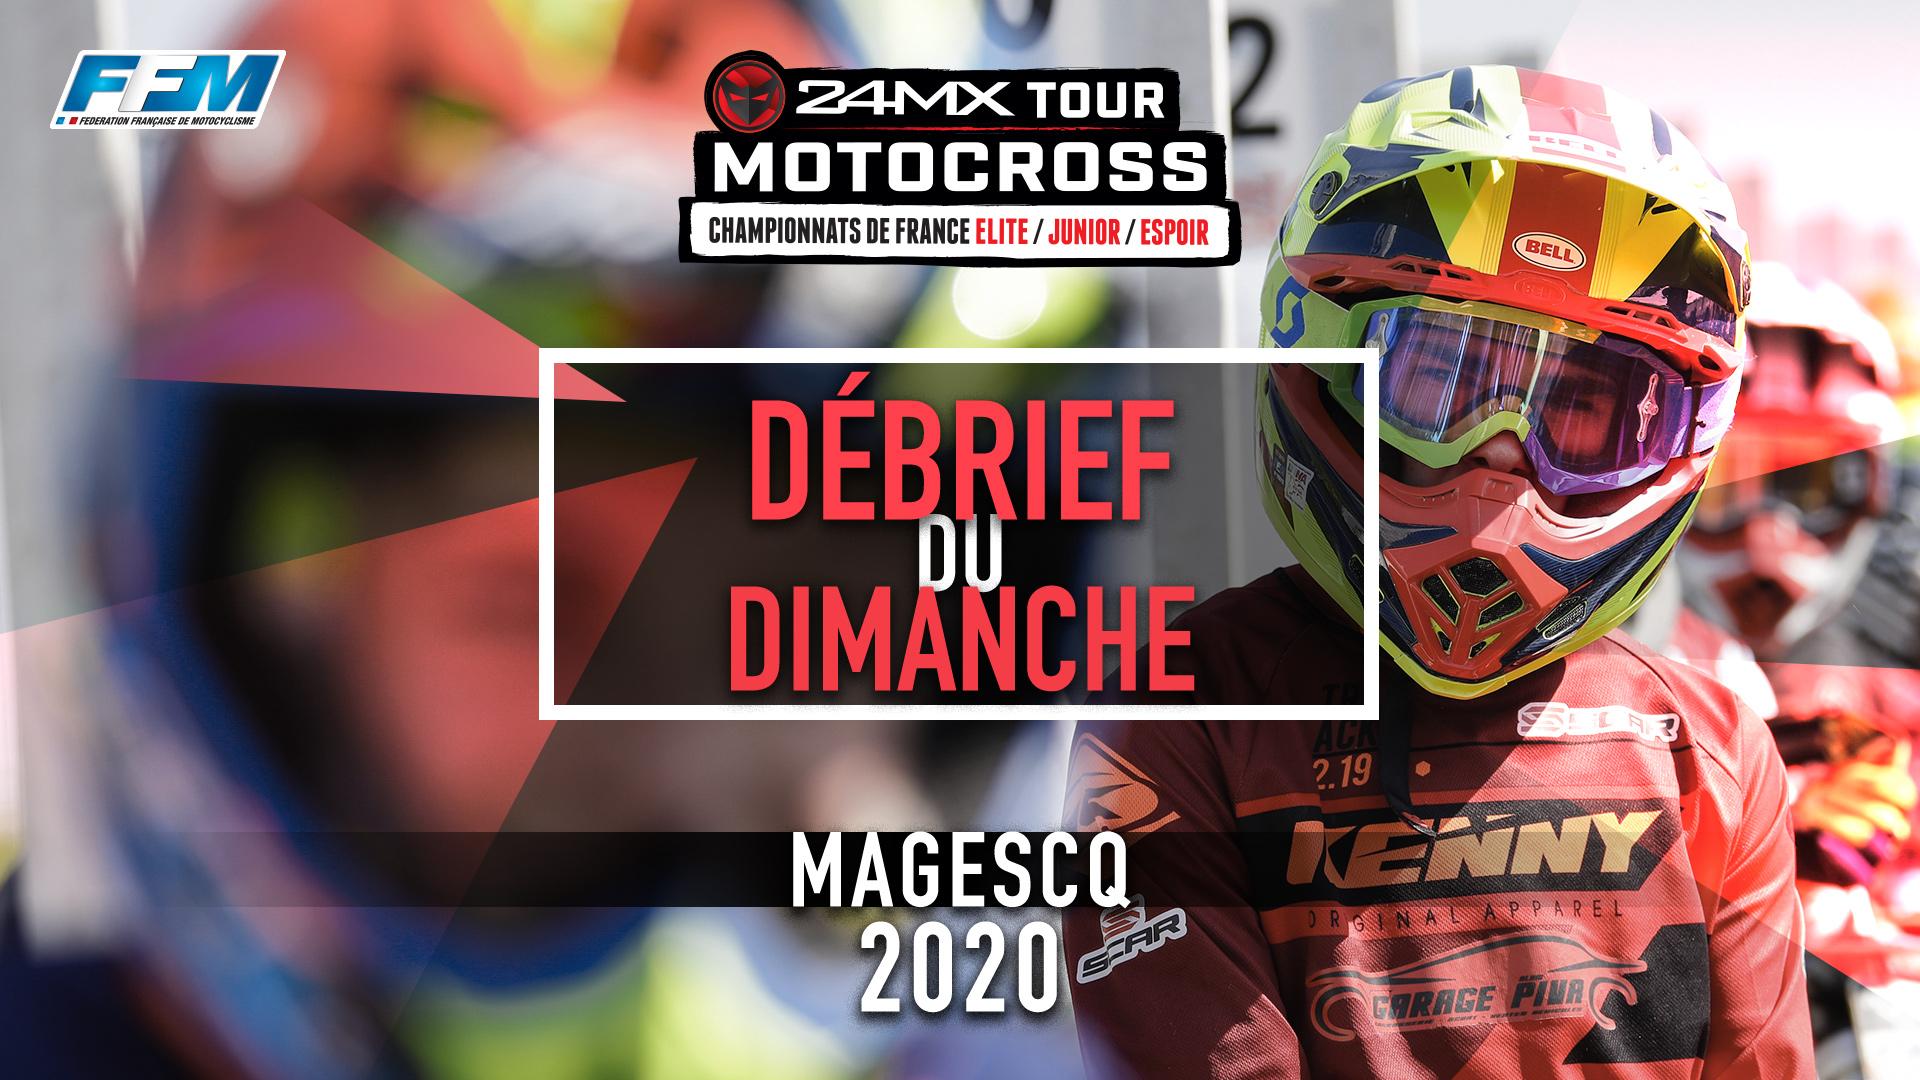 // DEBRIEF DU DIMANCHE – MAGESCQ (40) //